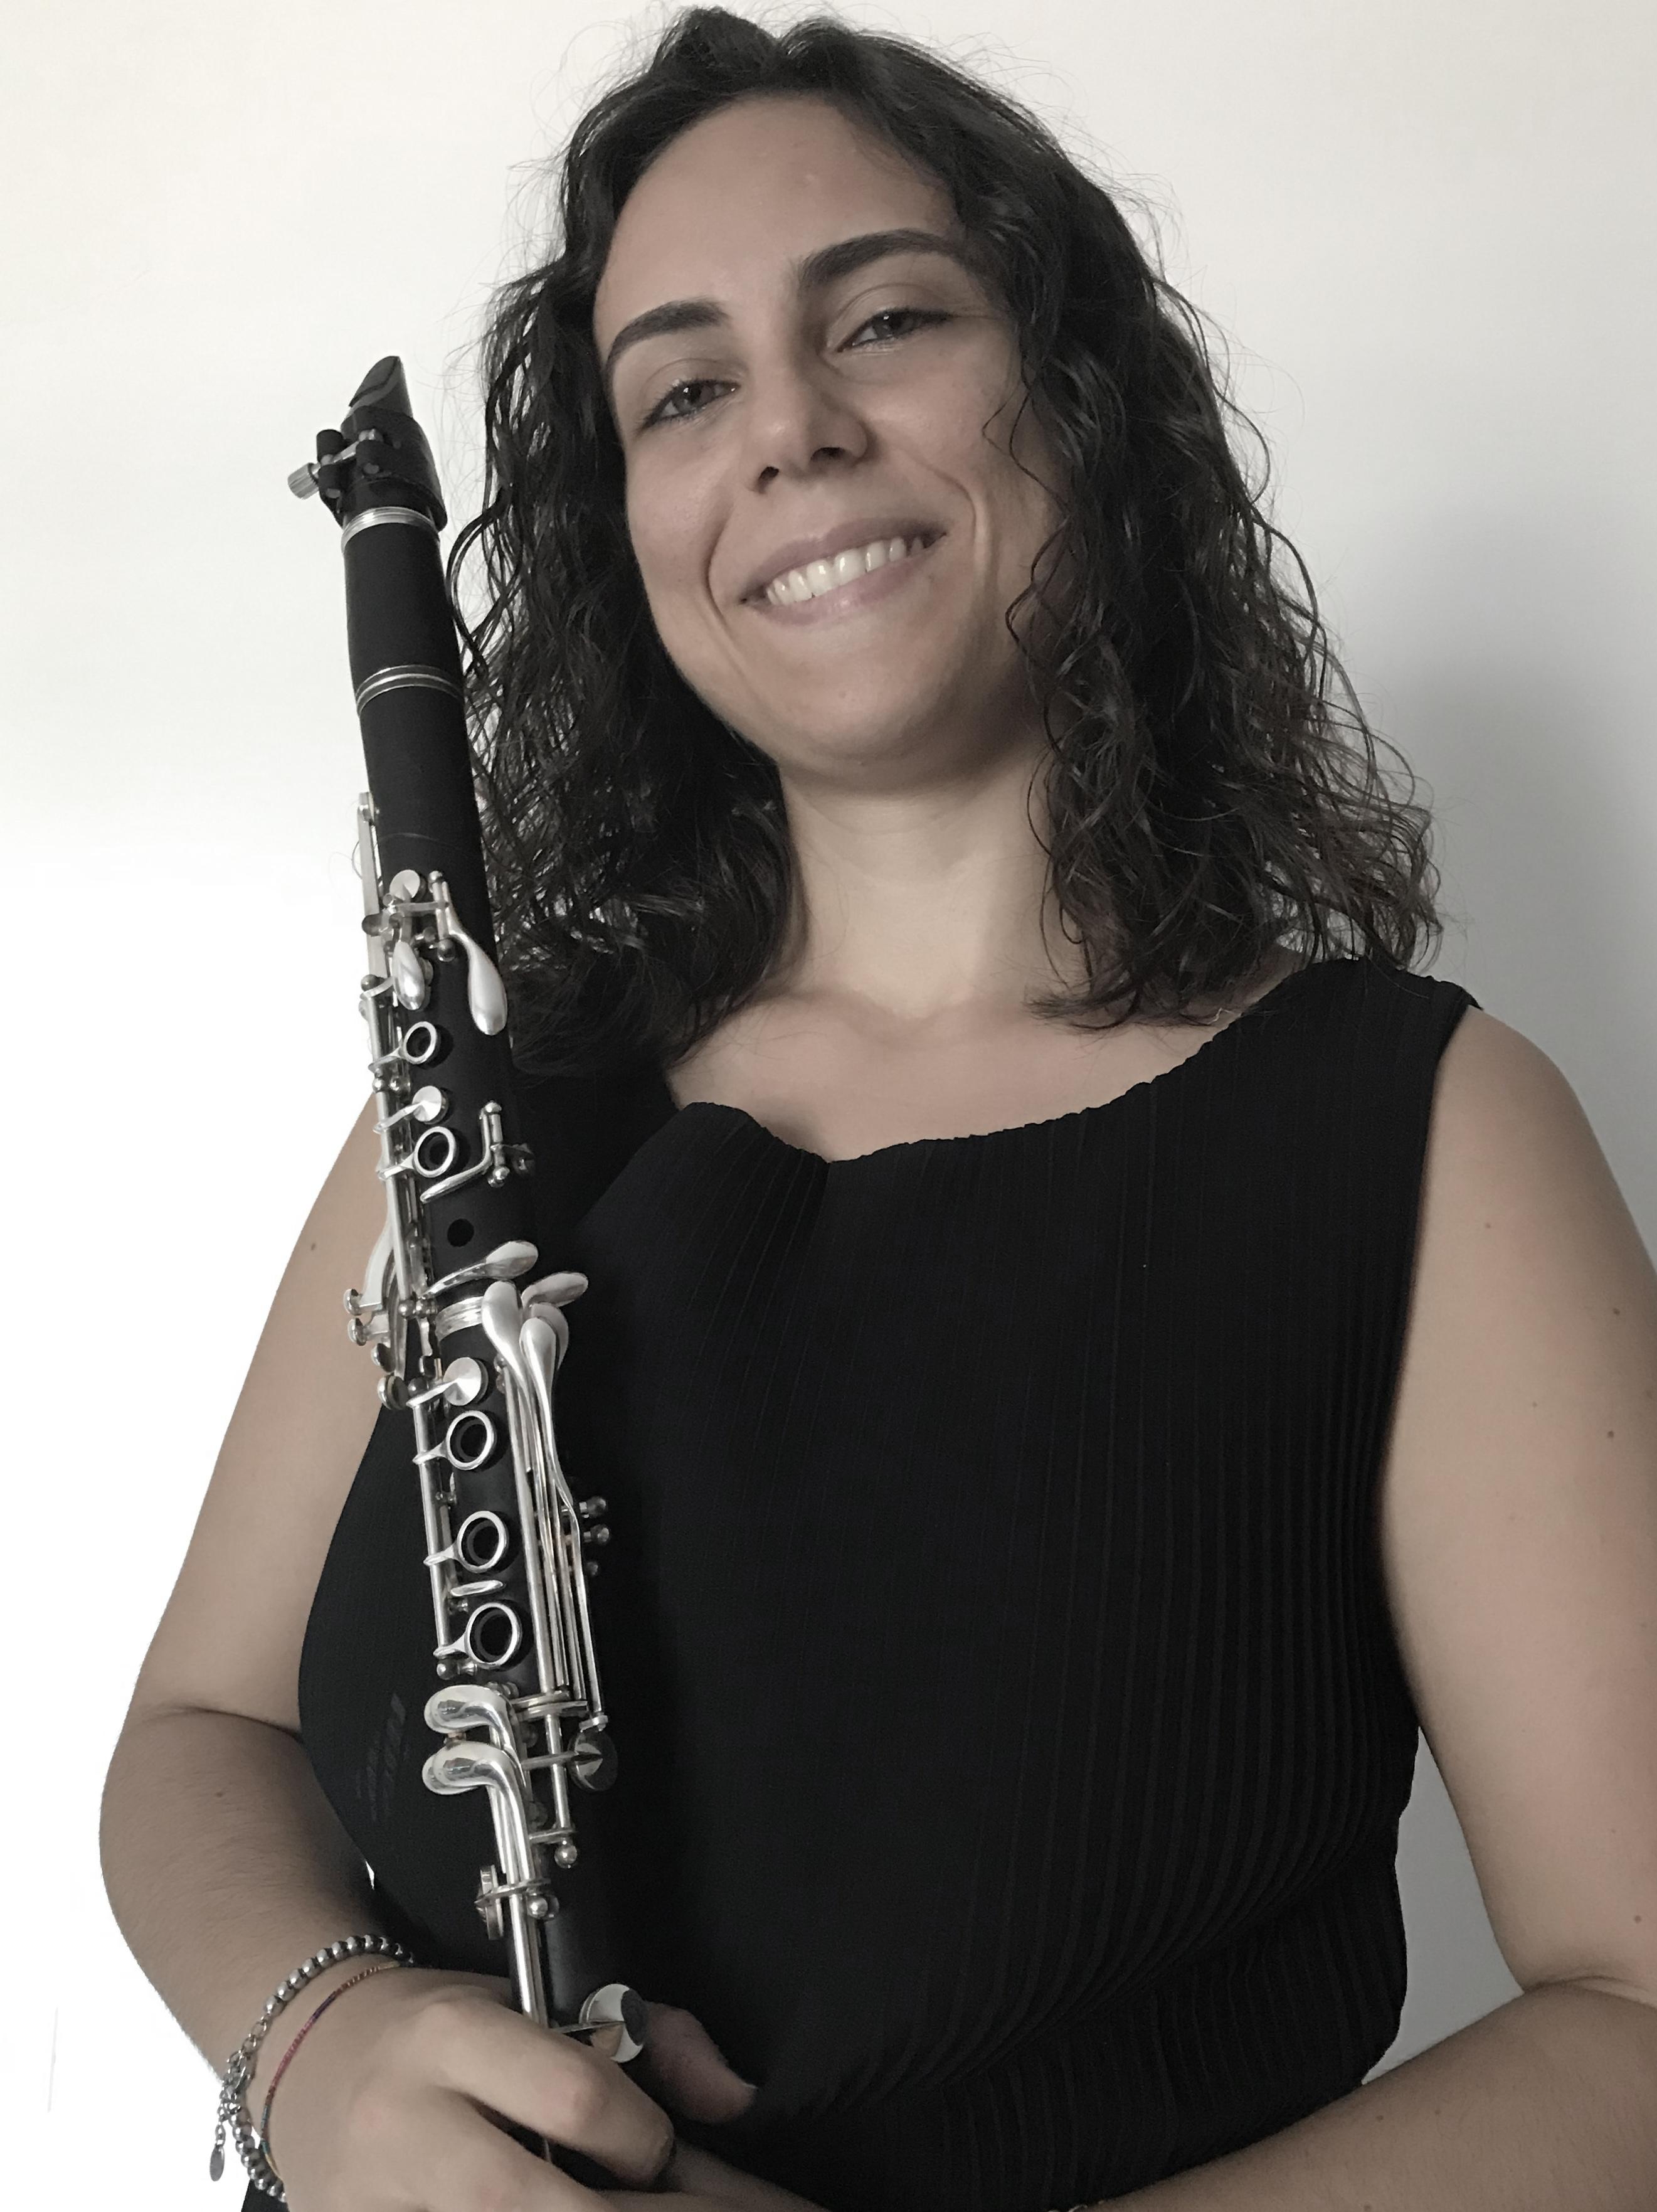 Chiara Paparella